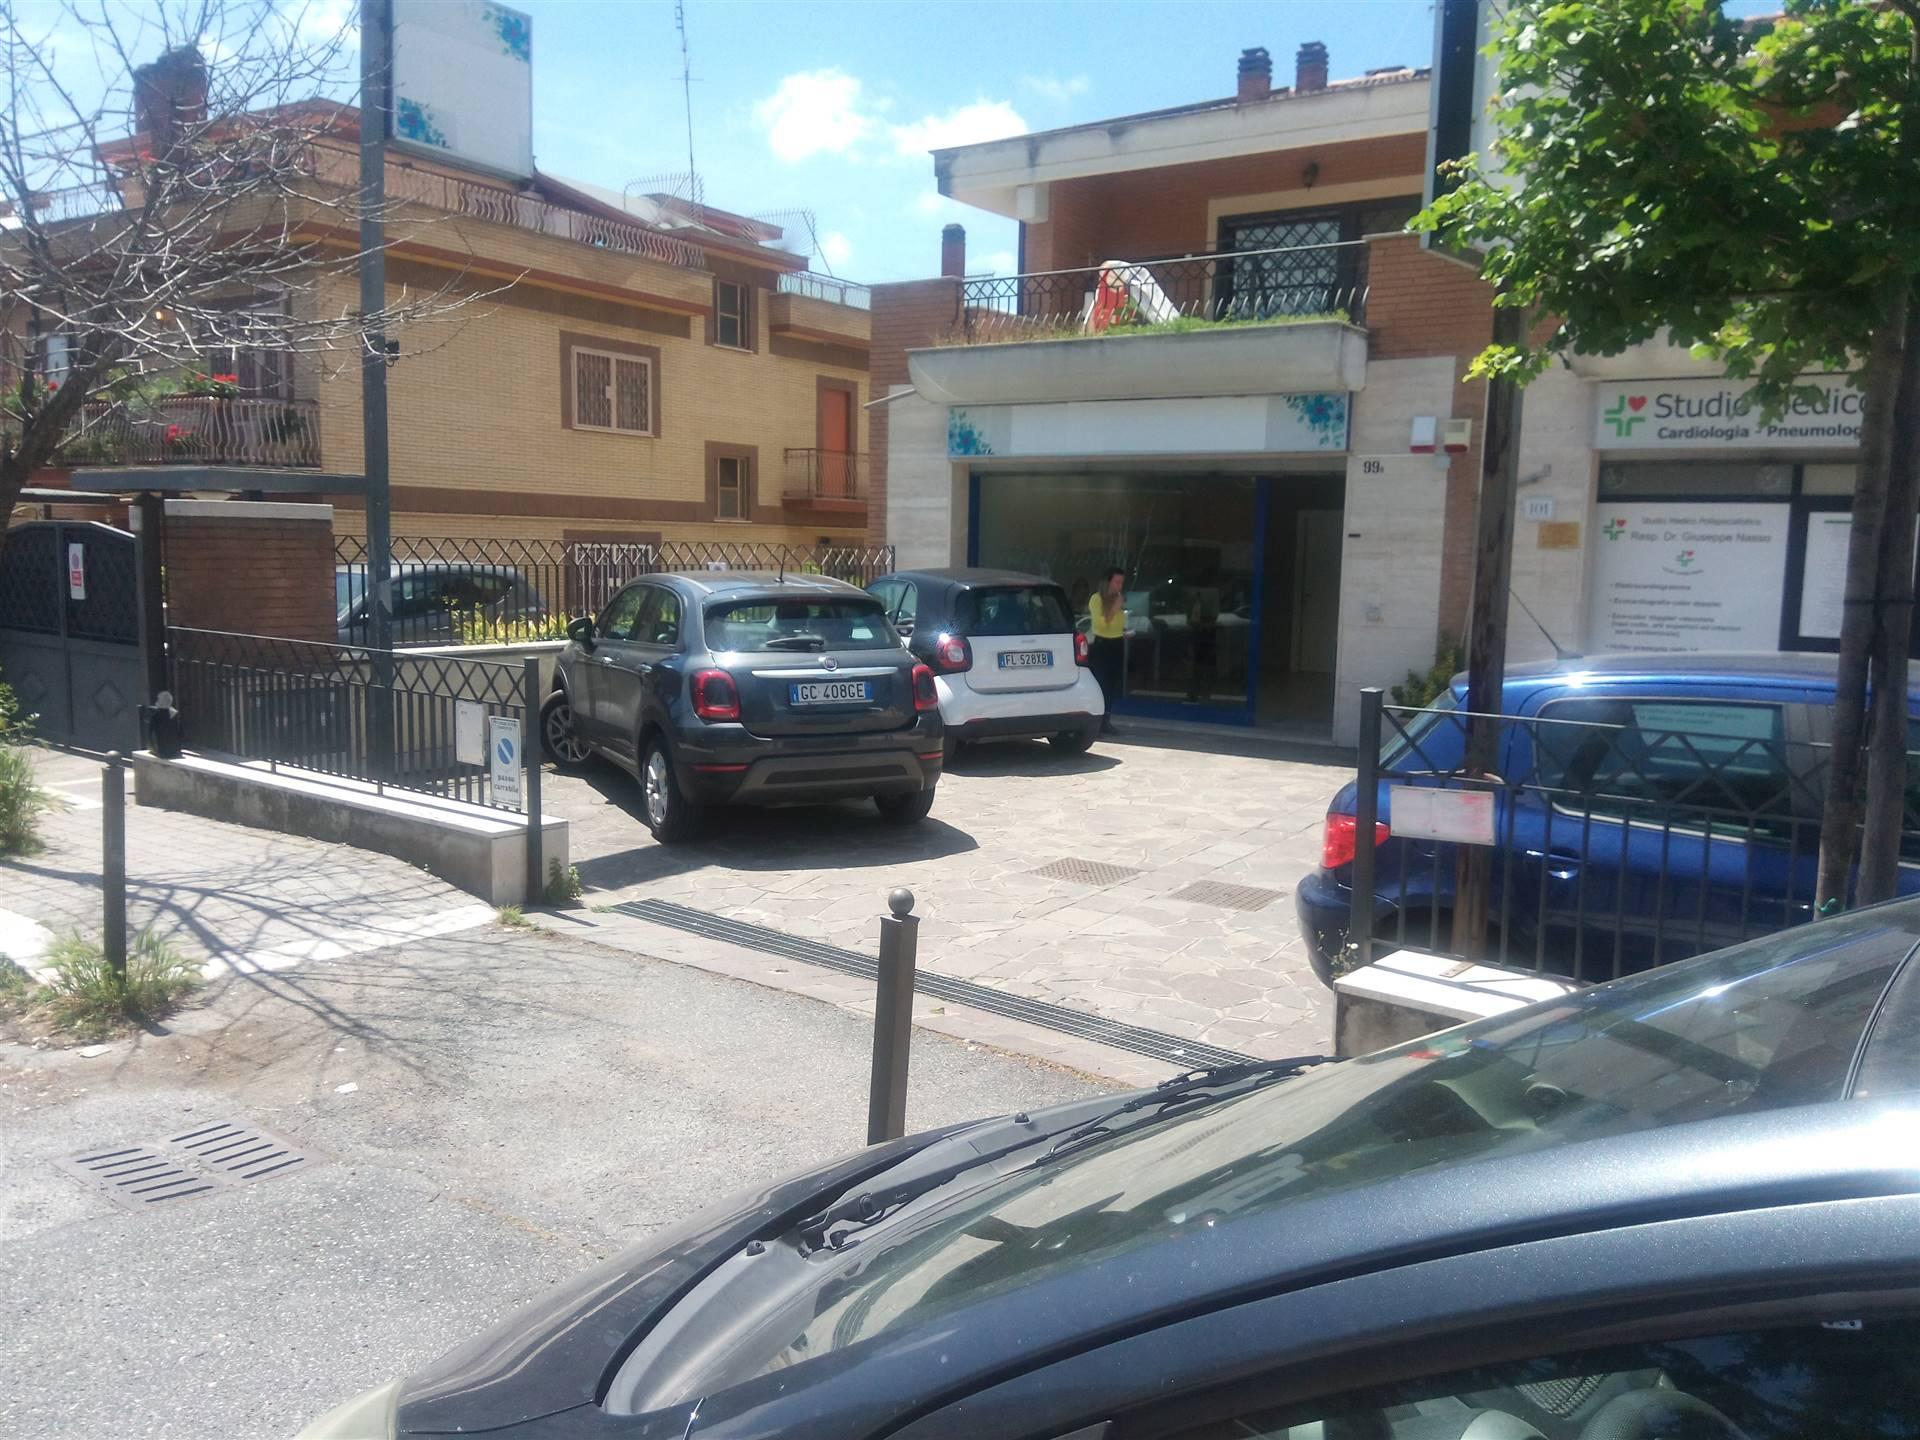 Bravetta, precisamente in Via della Casetta Mattei, si propone in Affitto Locale Commerciale C1 di Mq. 47 circa, alto passaggio veicolare, ottima